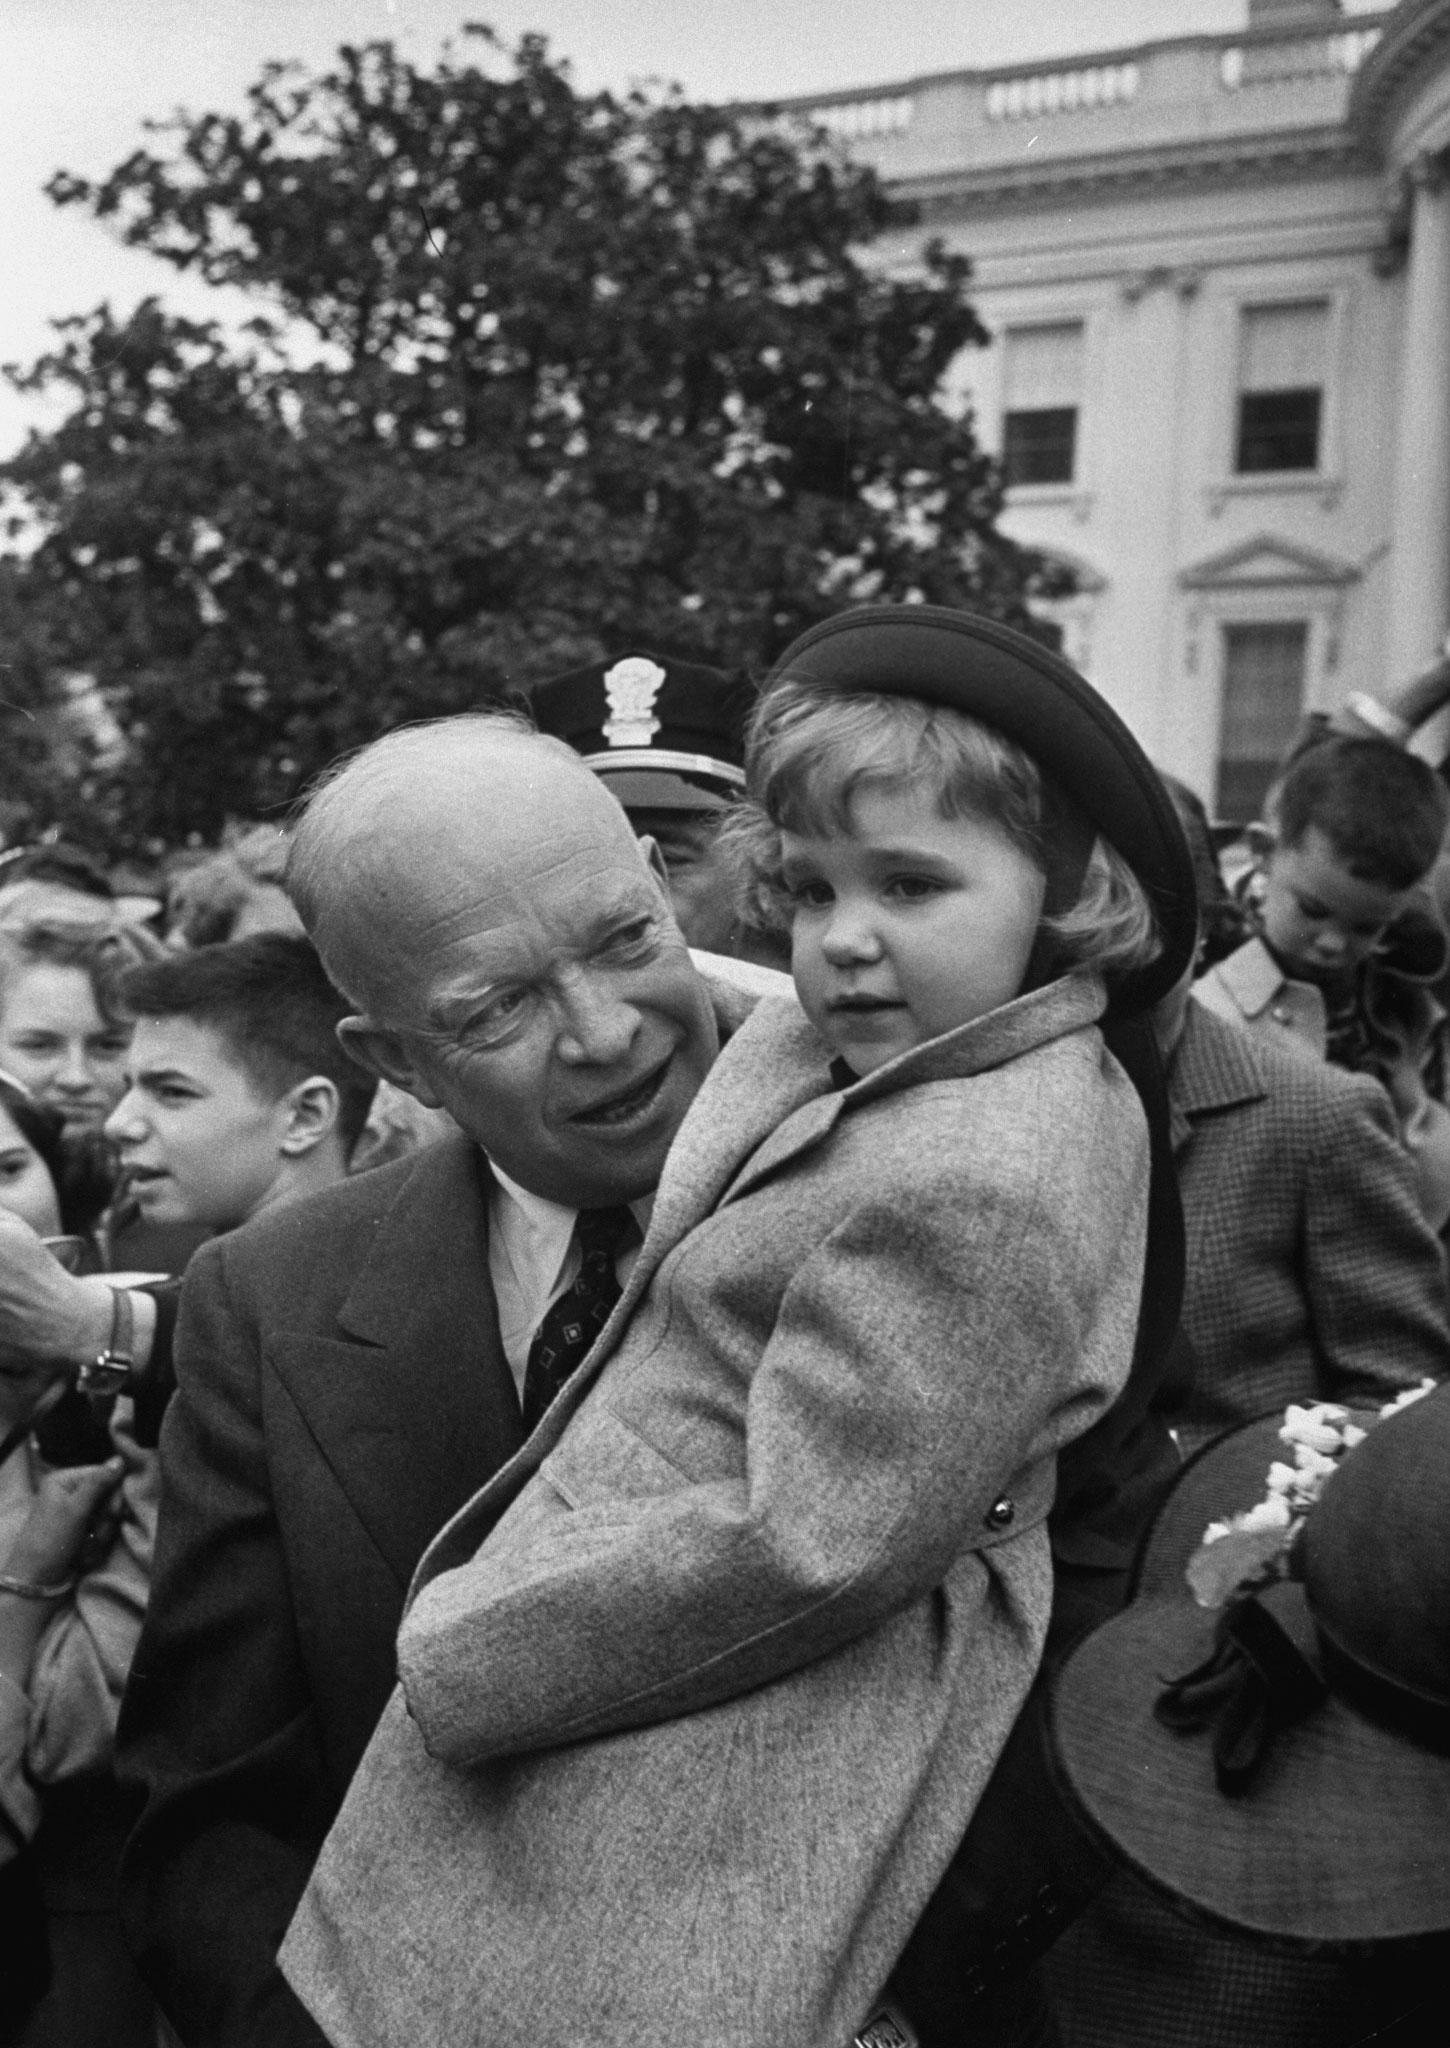 President Dwight D. Eisenhower holding his granddaughter, during the White House Easter egg roll, April 1953.